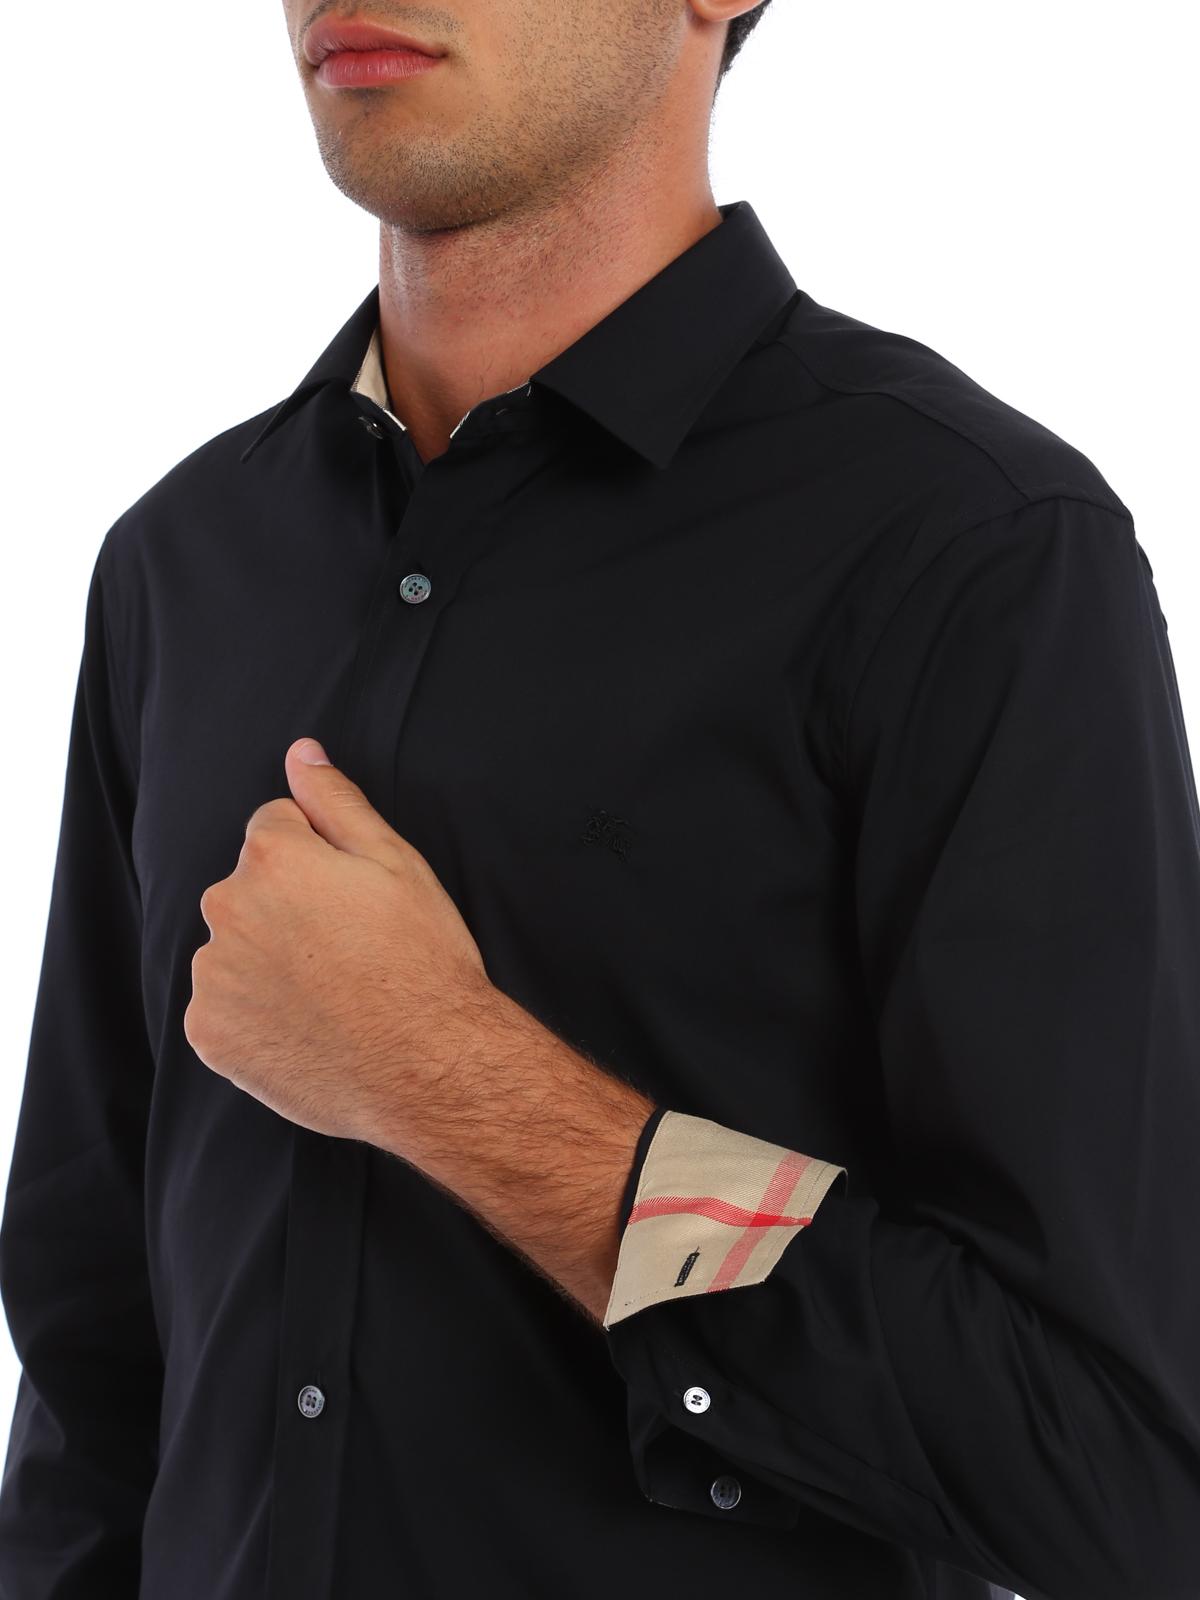 Burberry - Camisa Negra Para Hombre - Camisas - 3991162  37fb1c90dfefb